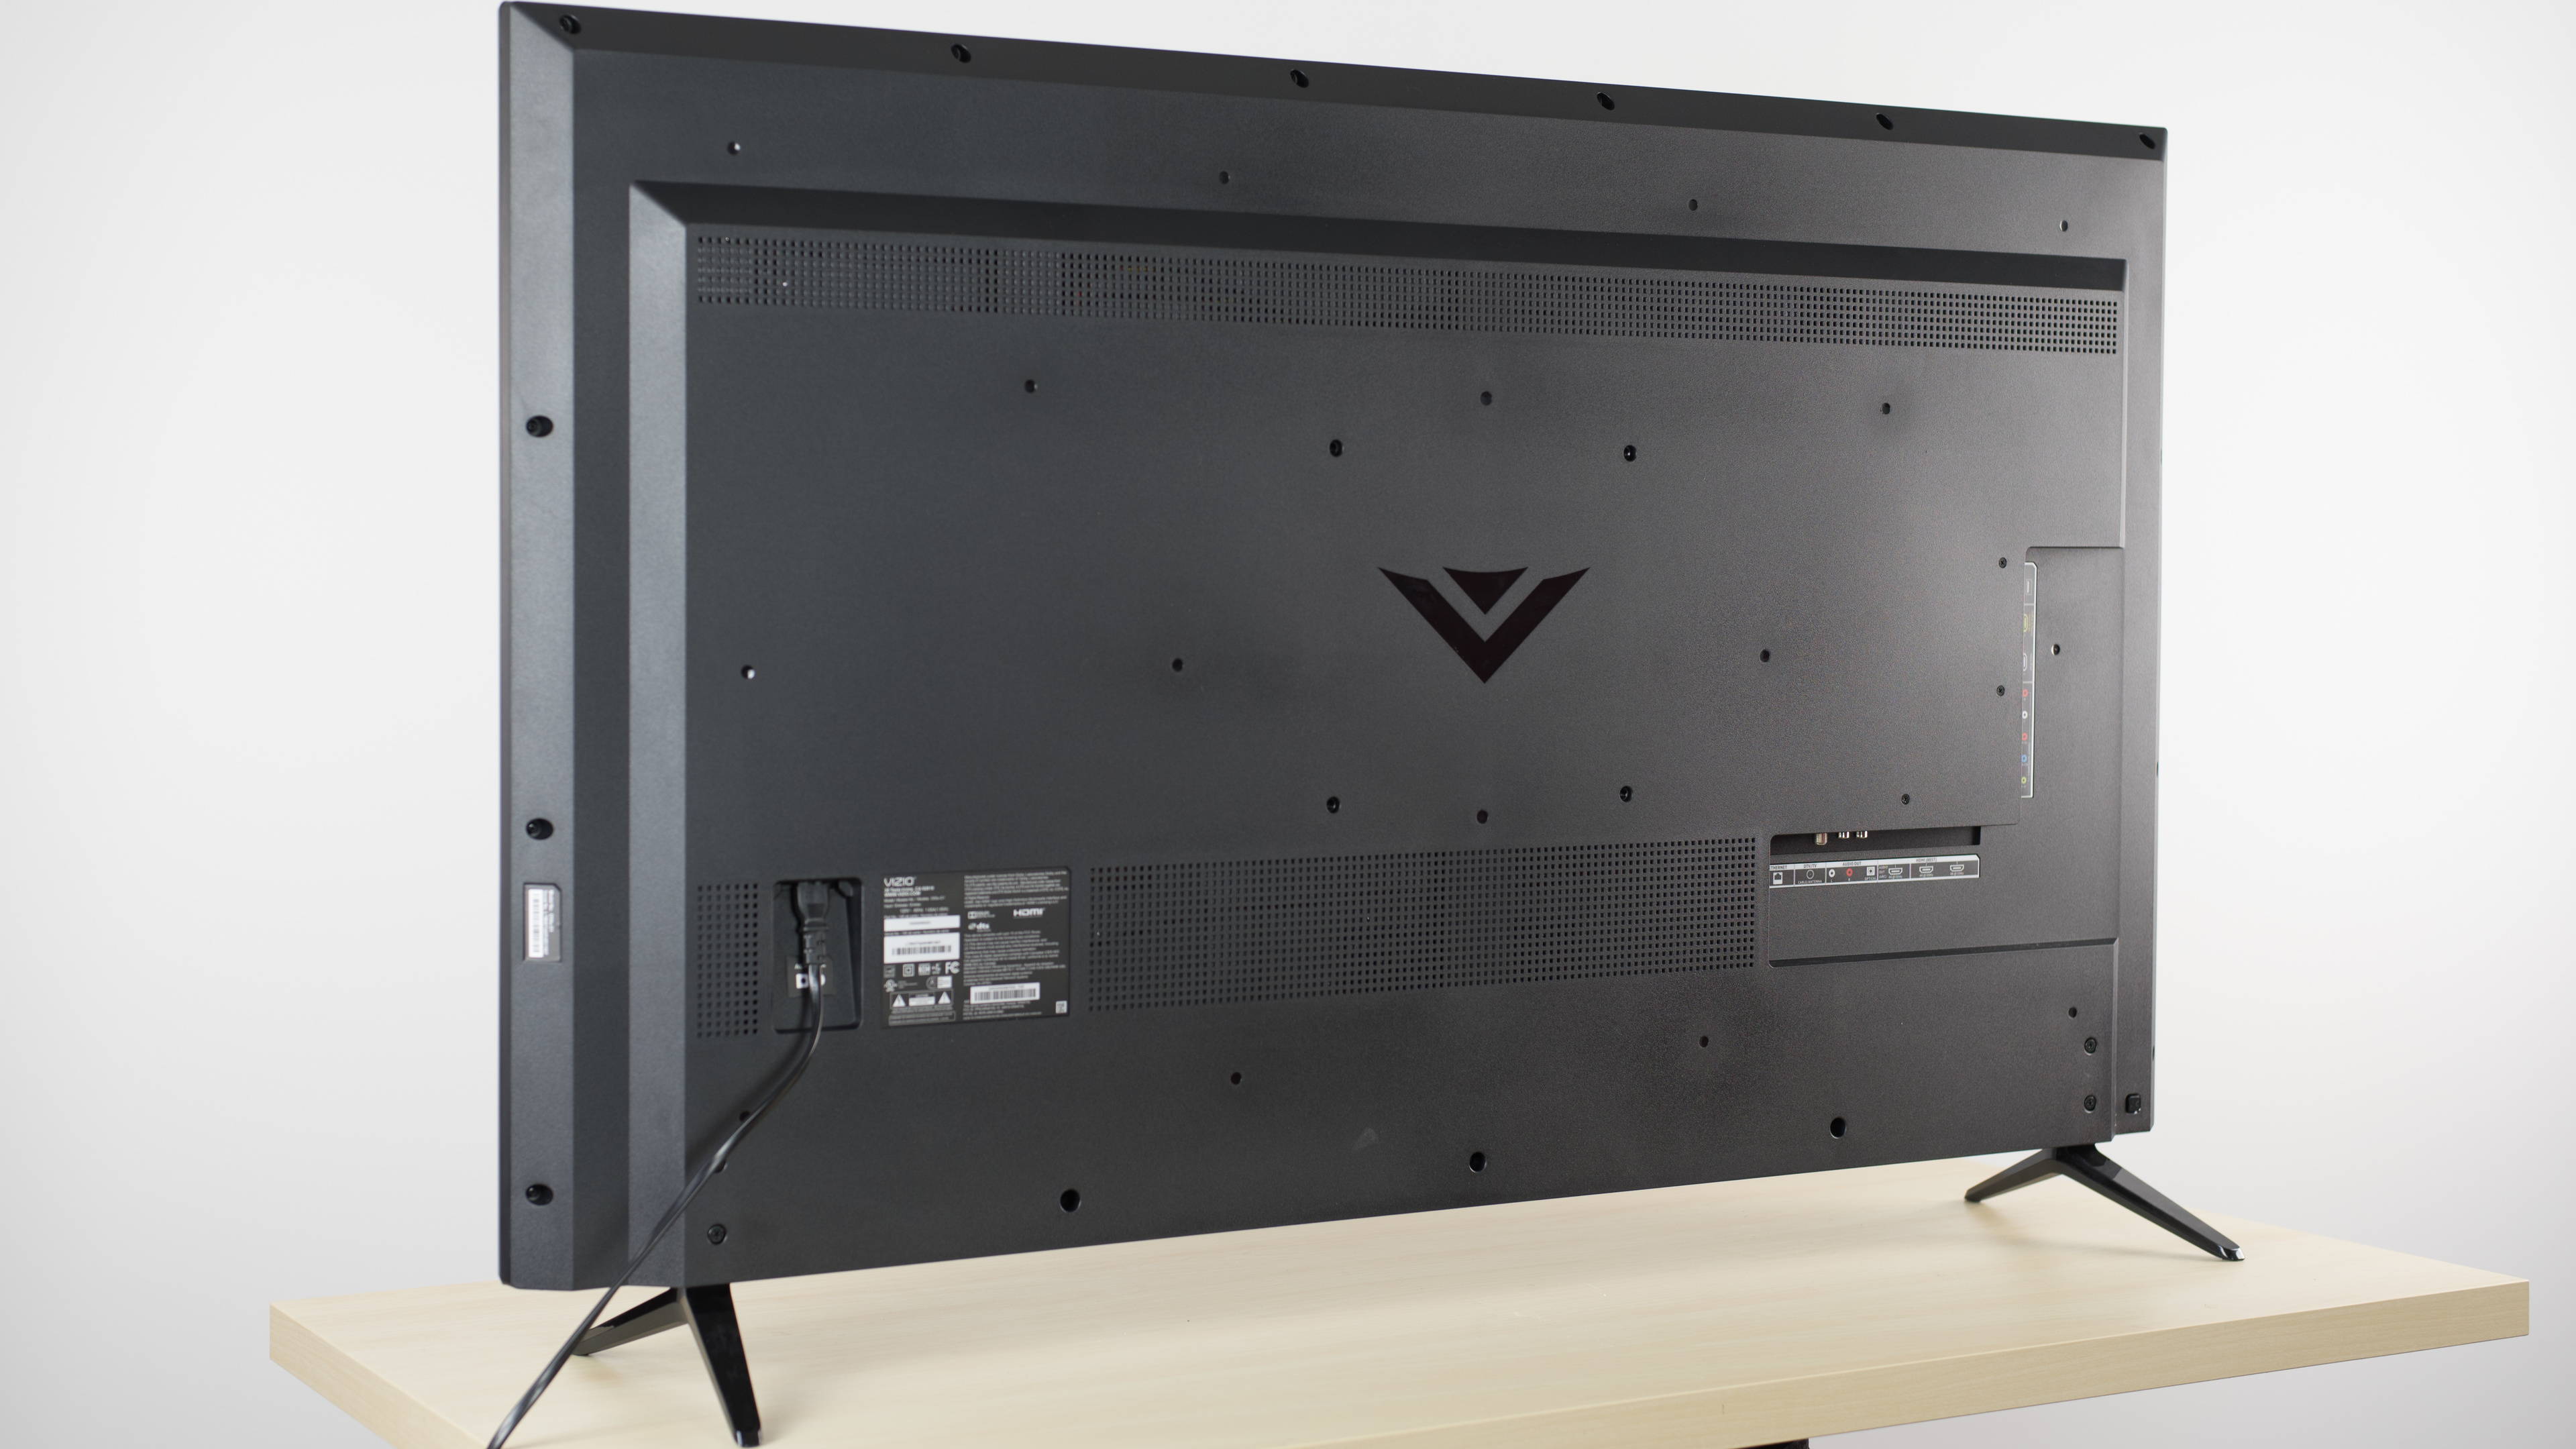 Vizio D Series 4k 2016 Review D40u D1 D50u D1 D55u D1